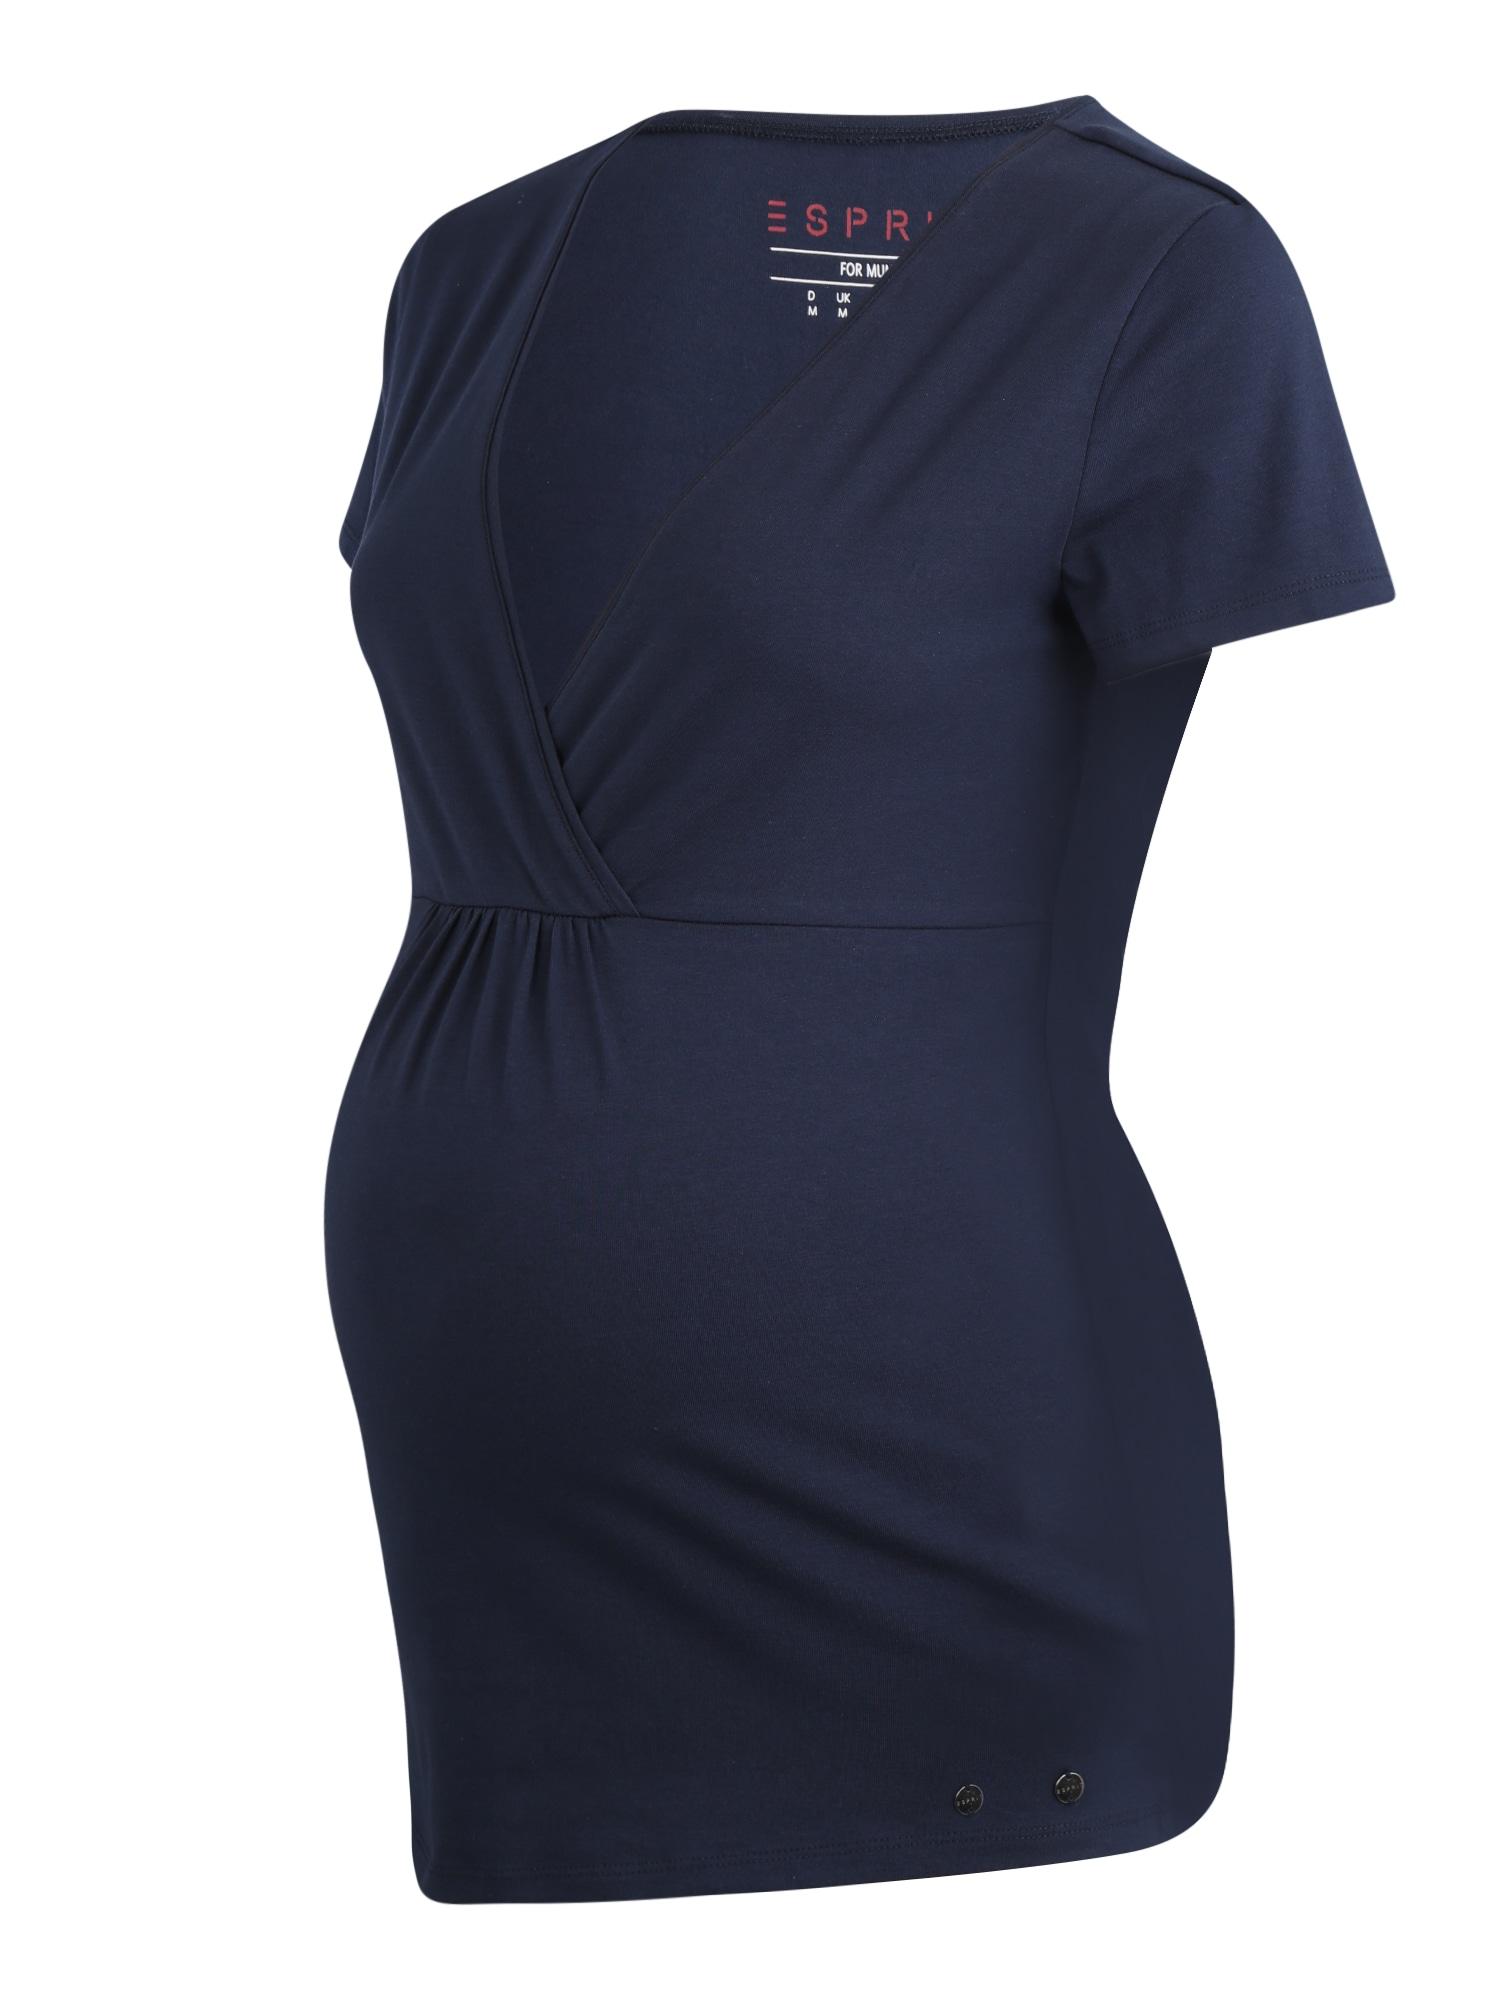 Esprit Maternity Marškinėliai nakties mėlyna